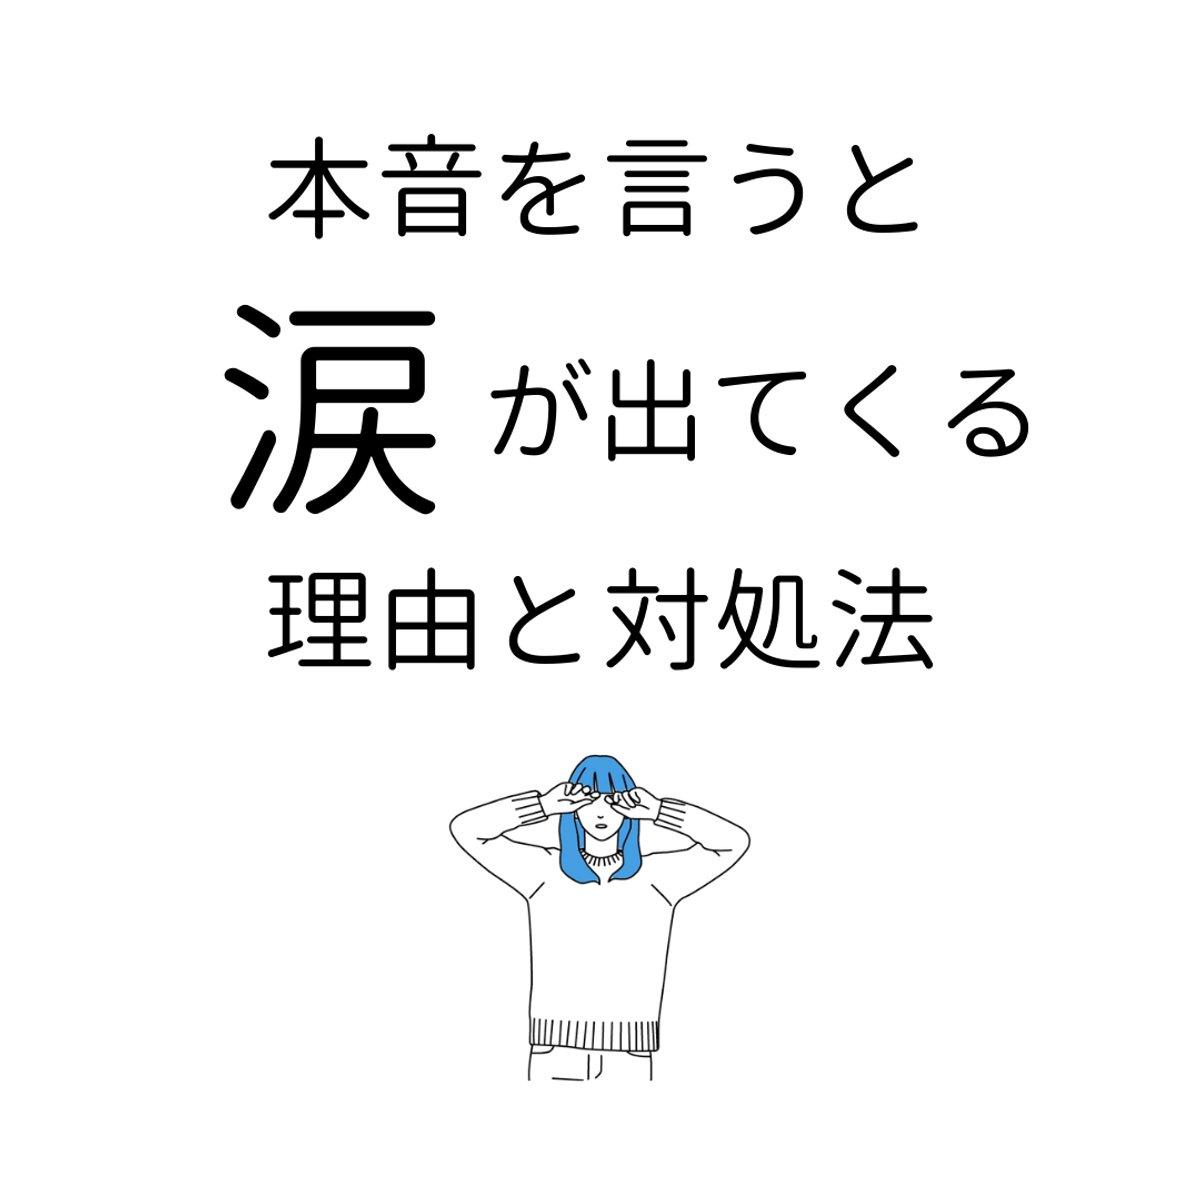 本音を言おうとすると「涙」が出てきちゃう人の対策だよ〜! (1/2)